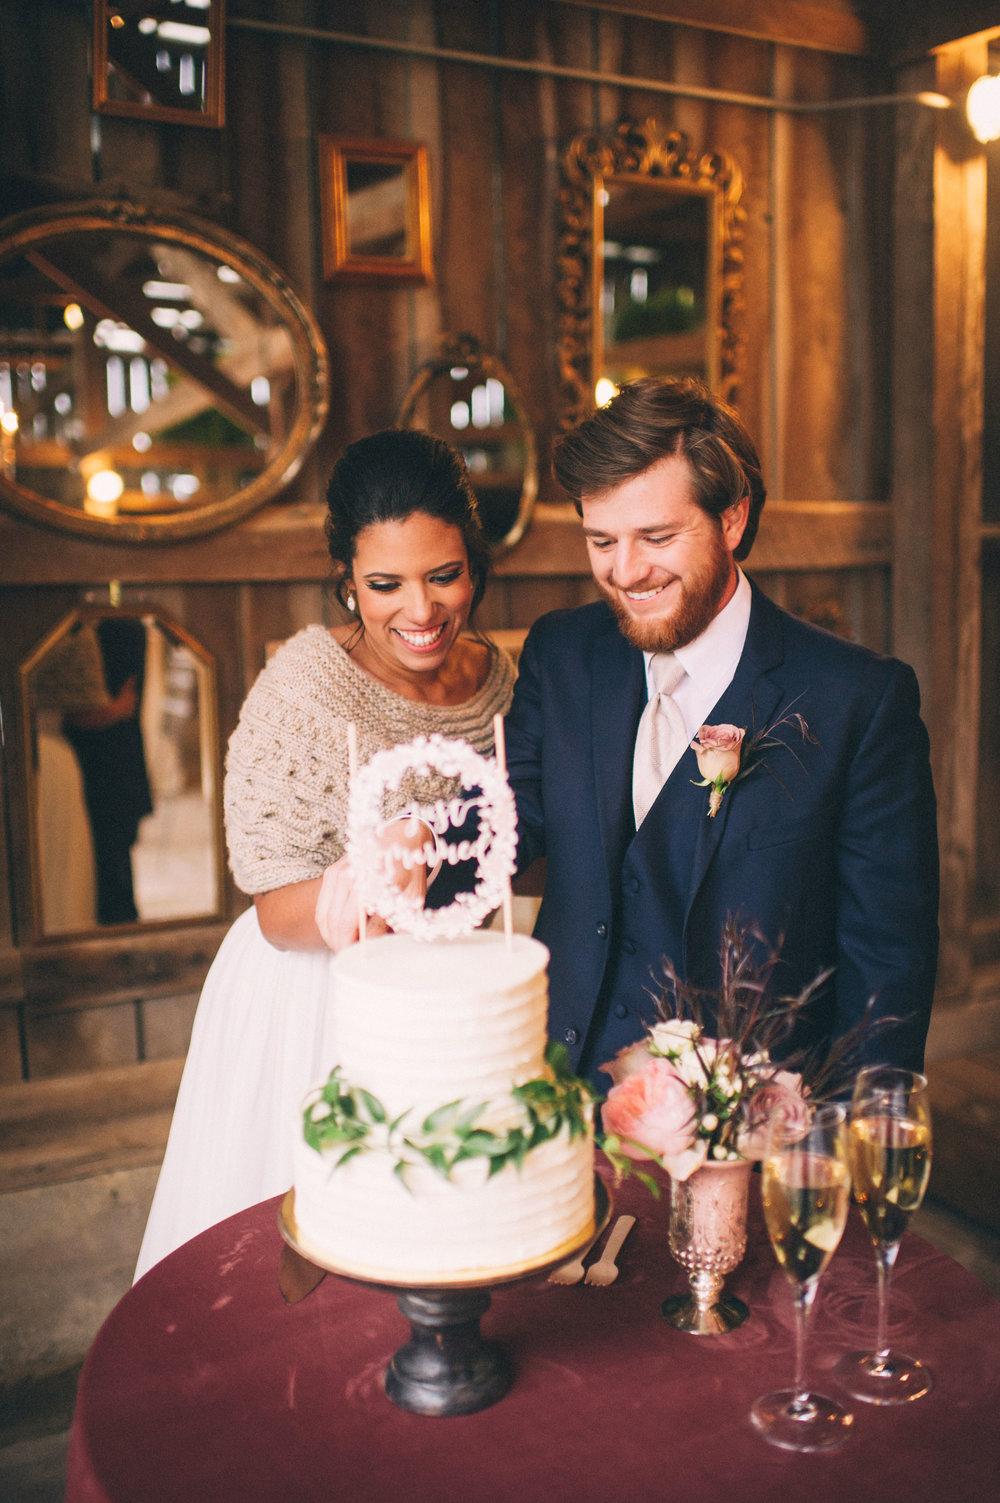 Micaha & Austin // Cozy Autumn Wedding at Springhouse Gardens // Lexington, Kentucky // Wedding Photography // Reception // Cake